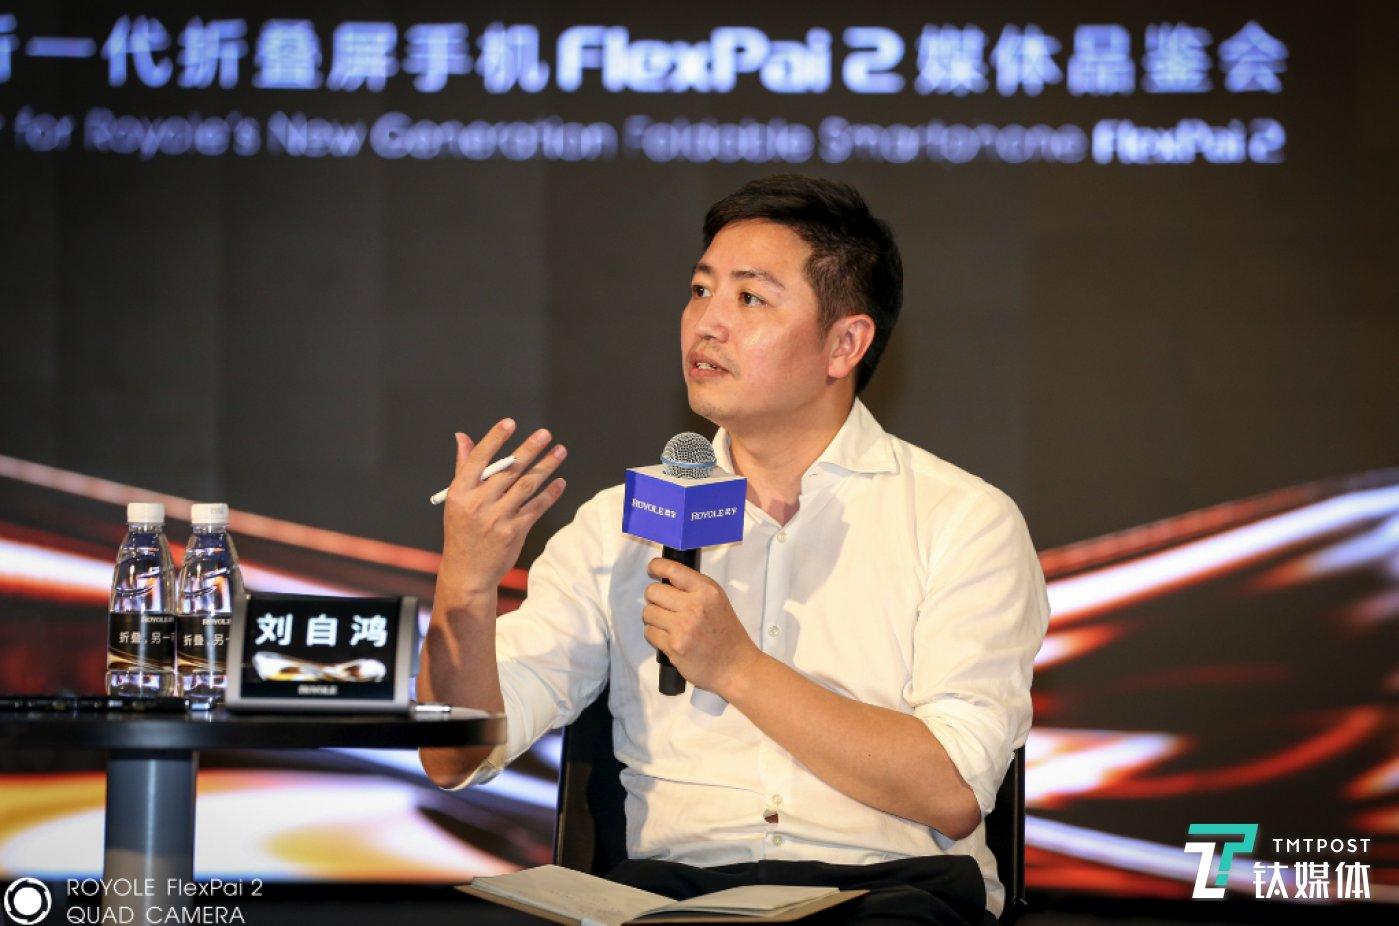 柔宇科技的创始人、董事长兼CEO 刘自鸿